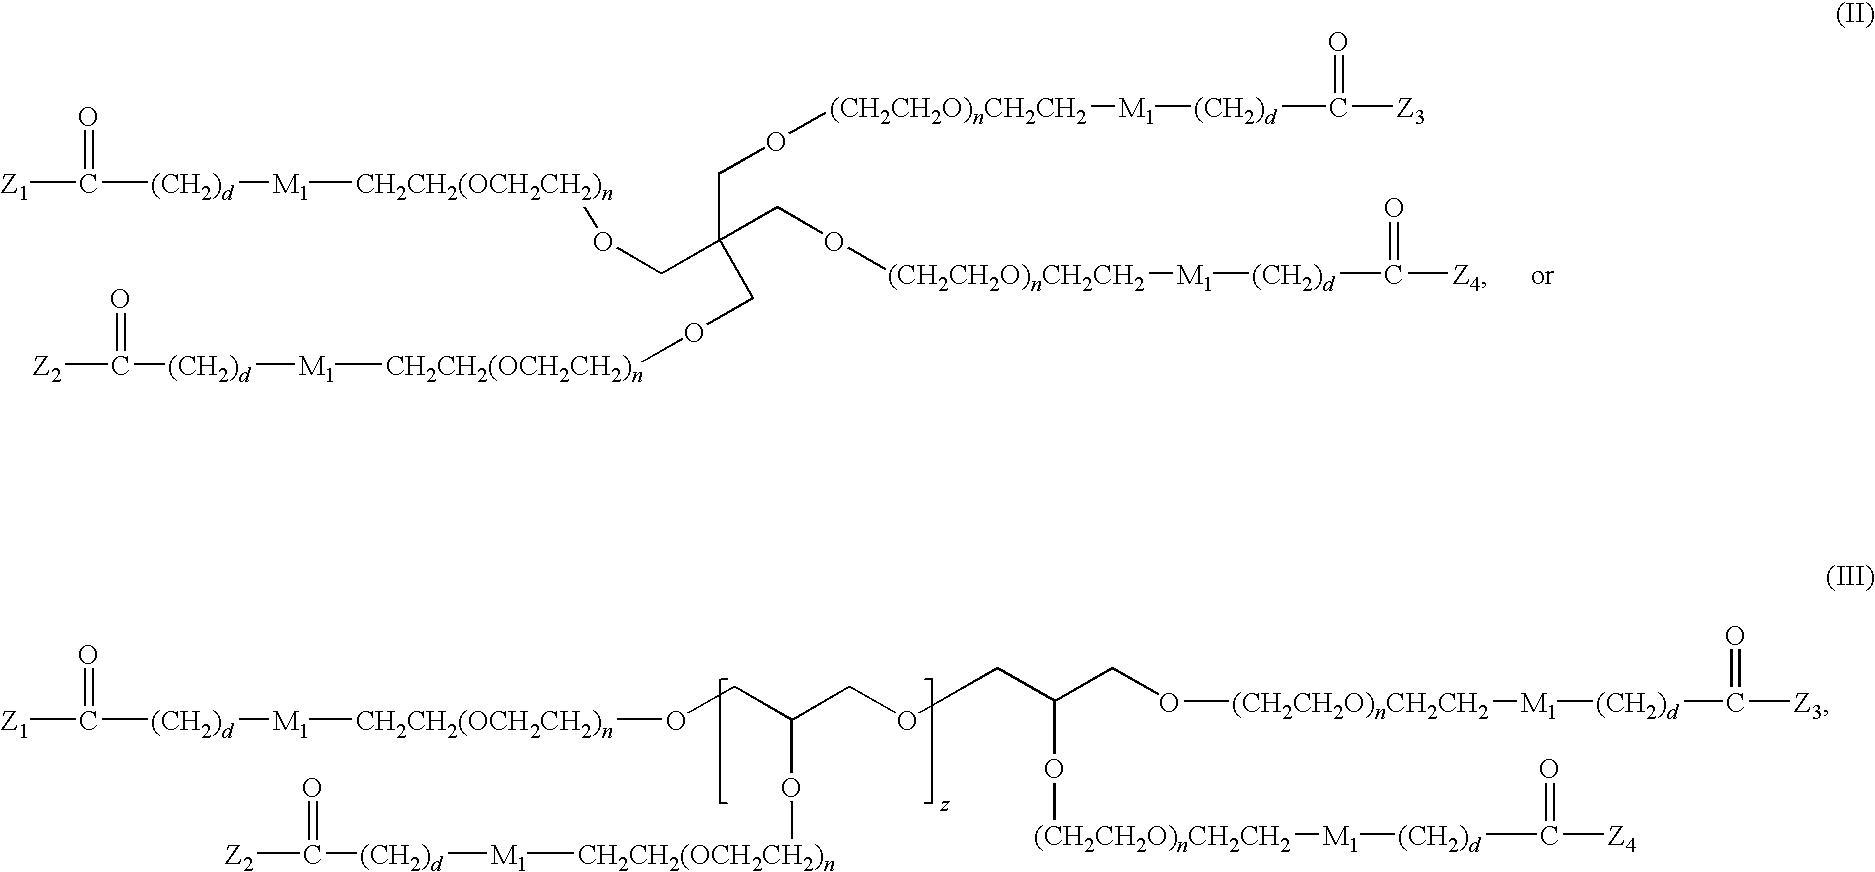 Figure US20100056555A1-20100304-C00026